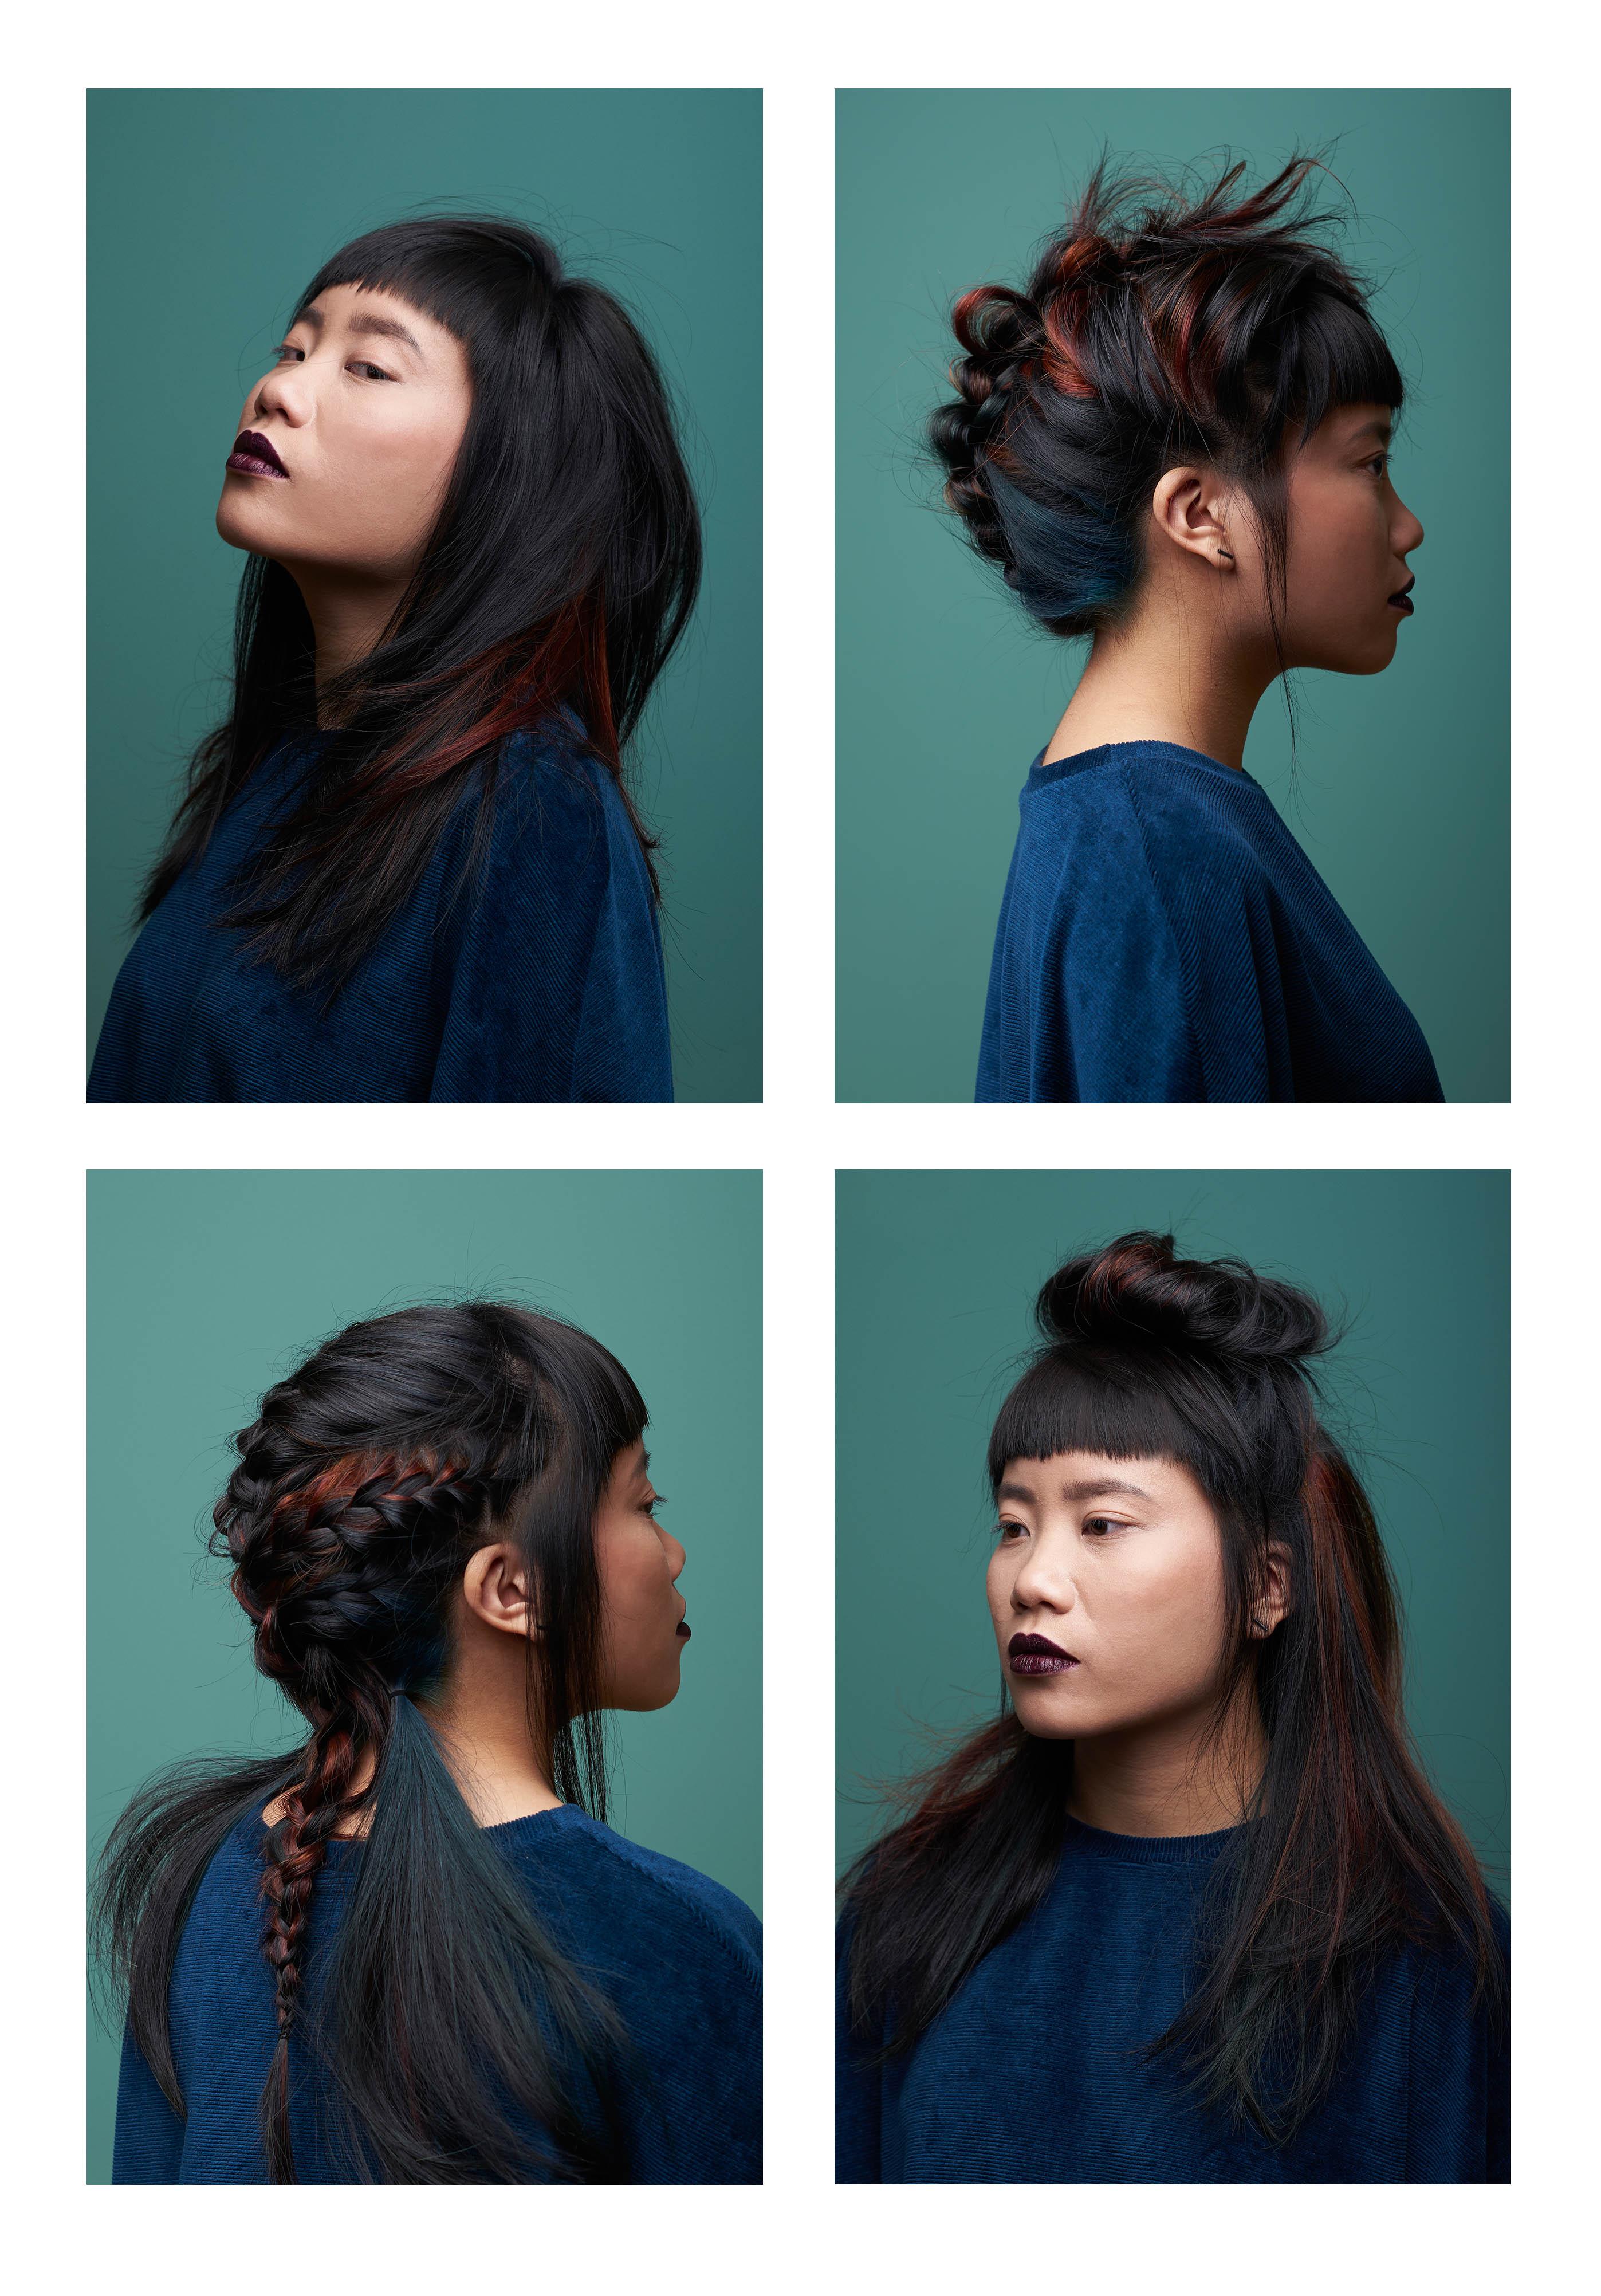 coiffure_color